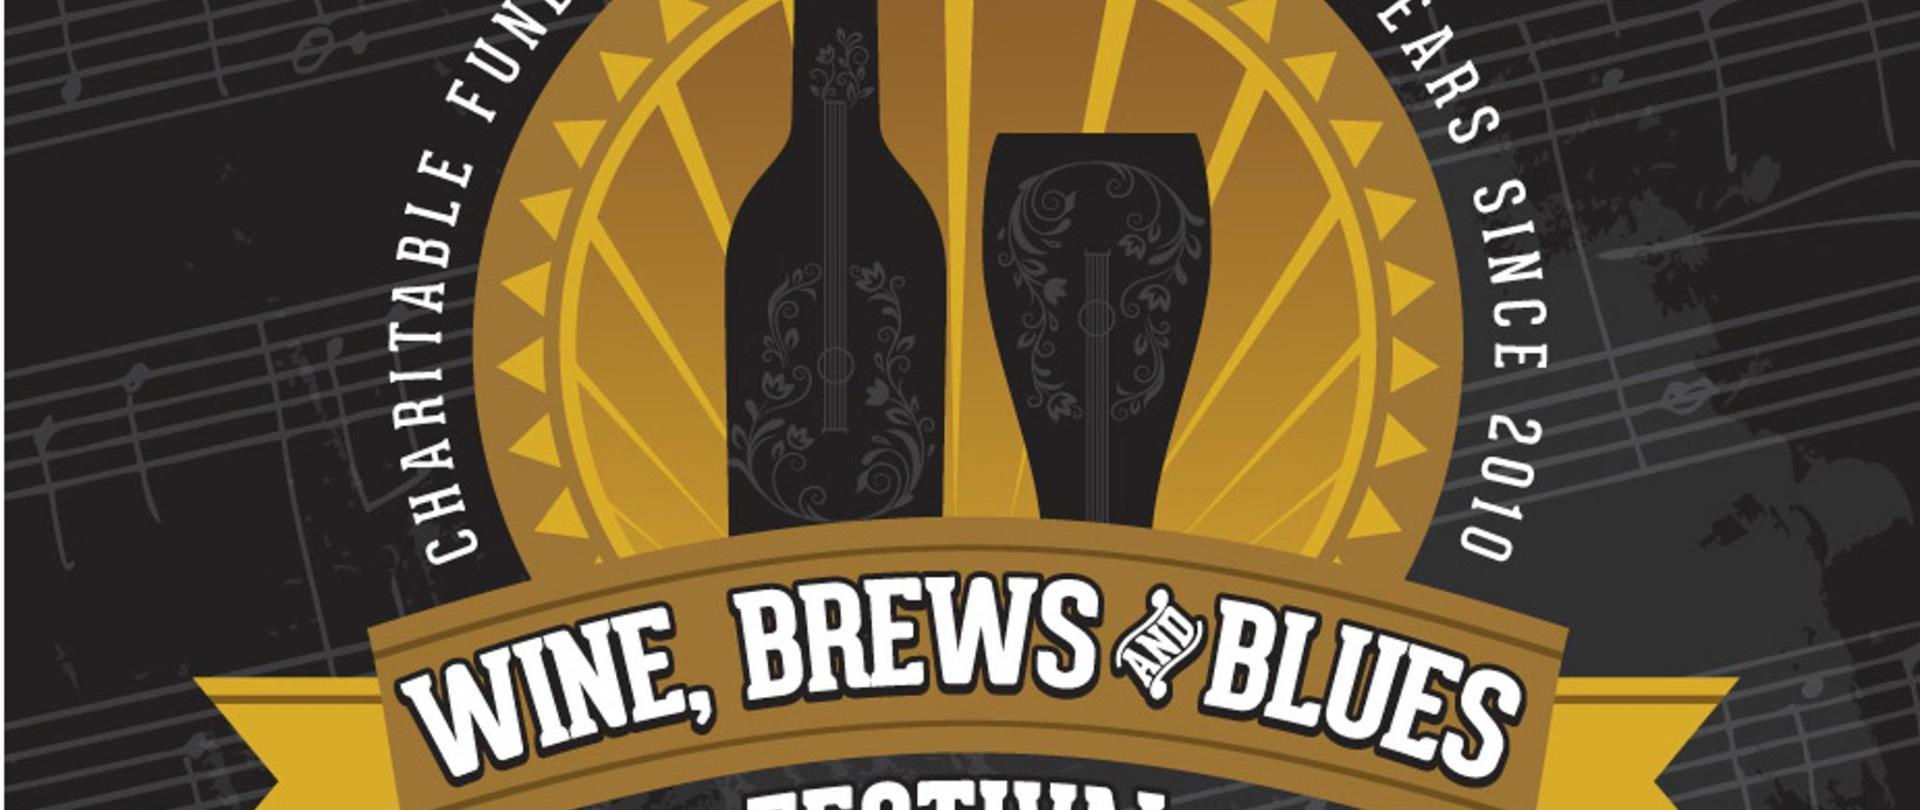 WB-fest-logo.jpg